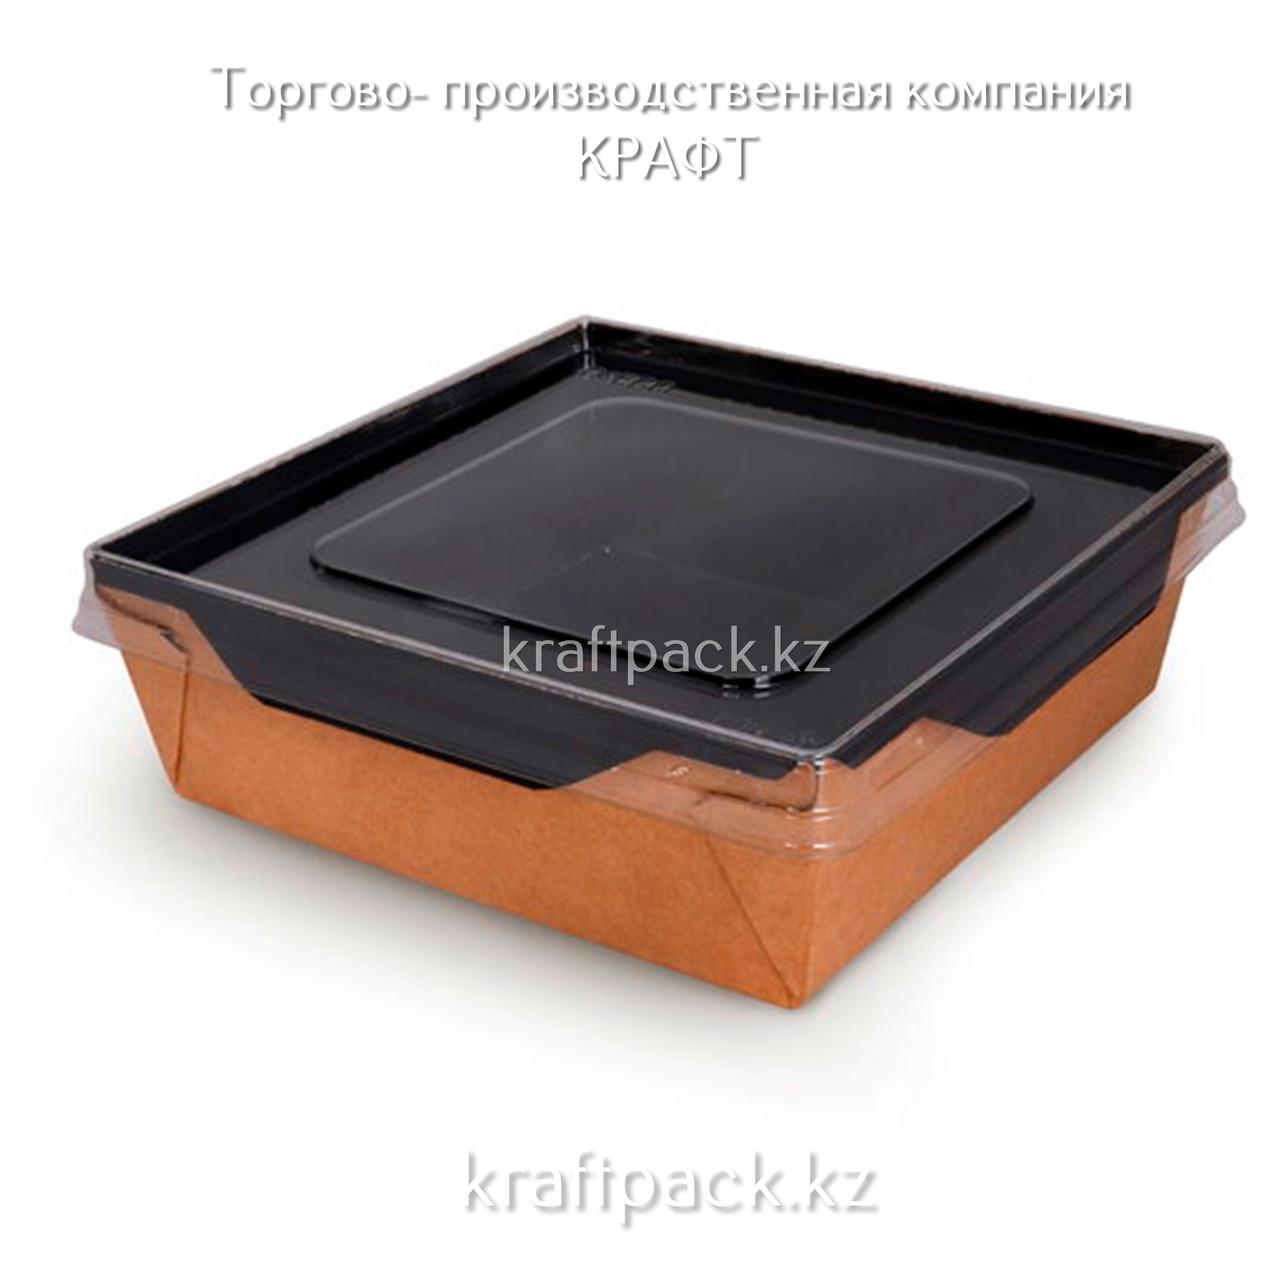 Контейнер, салатник с прозрачной крышкой Black Edition 1200мл 145*145*65 DoEco (50/150)